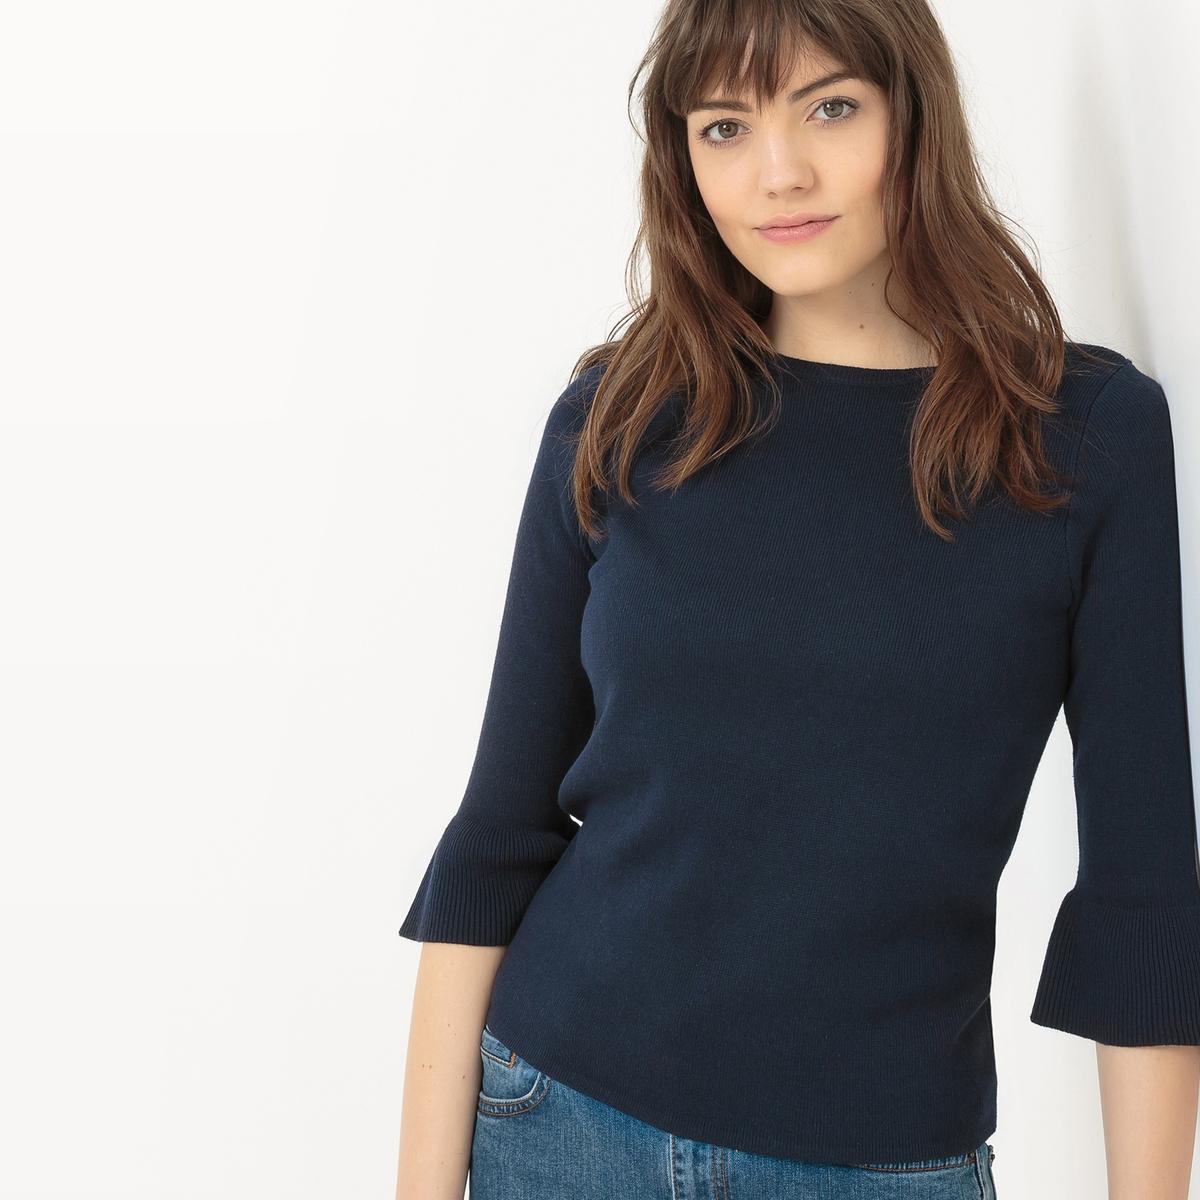 Пуловер с расширяющимися рукавамиМатериал : 60% вискозы, 40% хлопка  Длина рукава : рукава 3/4  Форма воротника : круглый вырез  Покрой пуловера : стандартный  Рисунок : однотонная модель<br><br>Цвет: синий морской,экрю<br>Размер: L.S.S